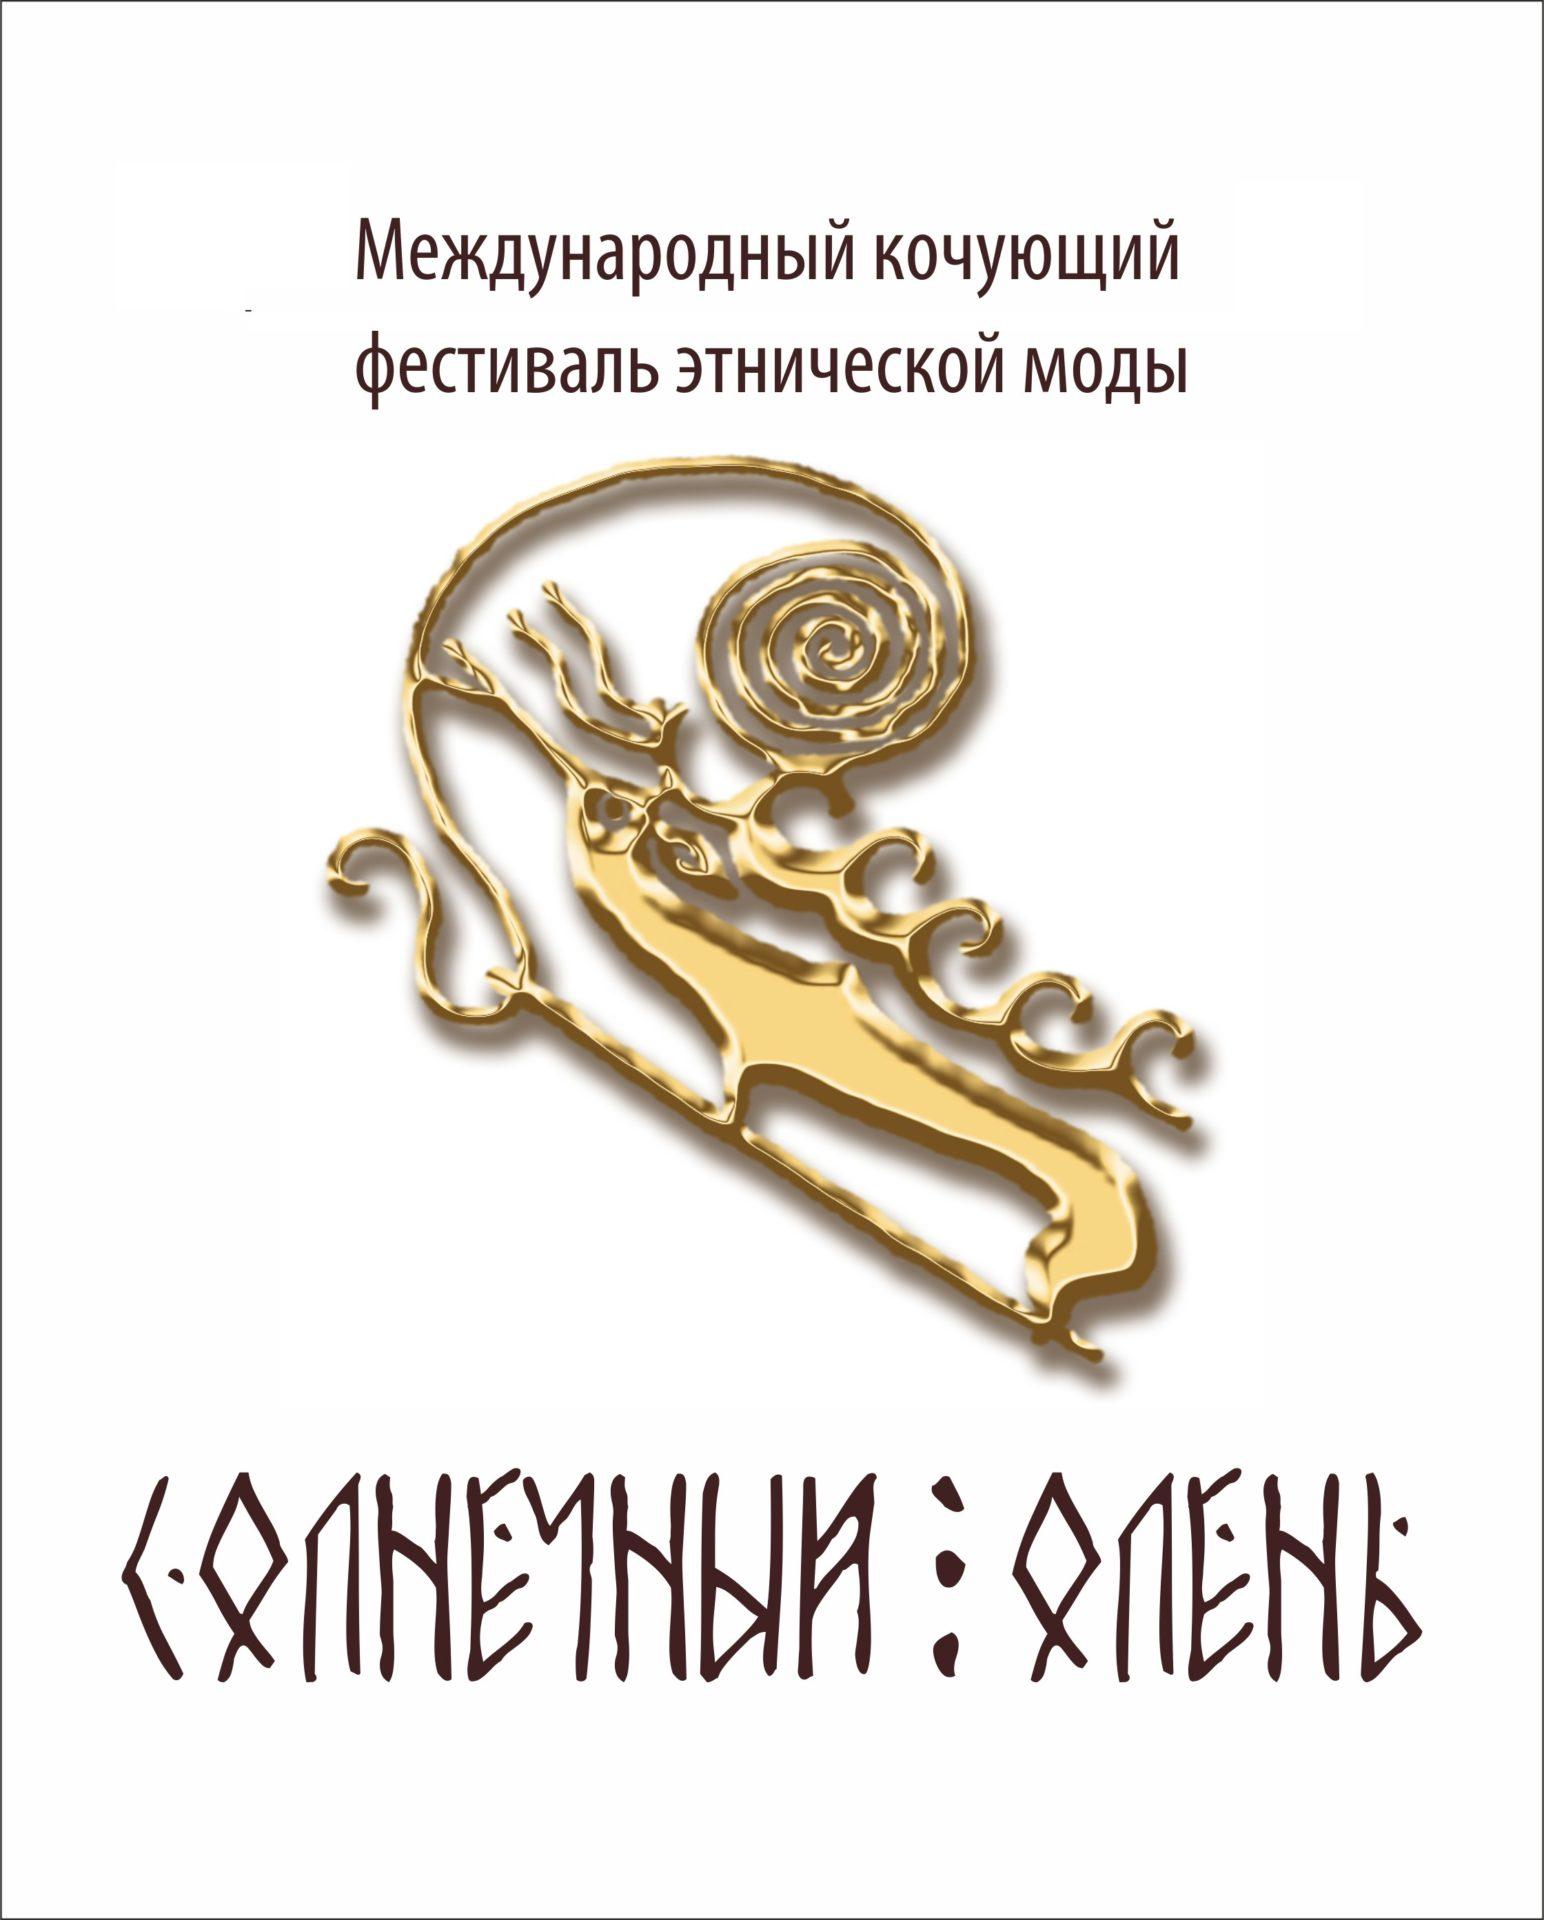 «Зима начинается с Якутии»: В Якутске пройдет III международный кочующий фестиваль этнической моды «Солнечный олень»